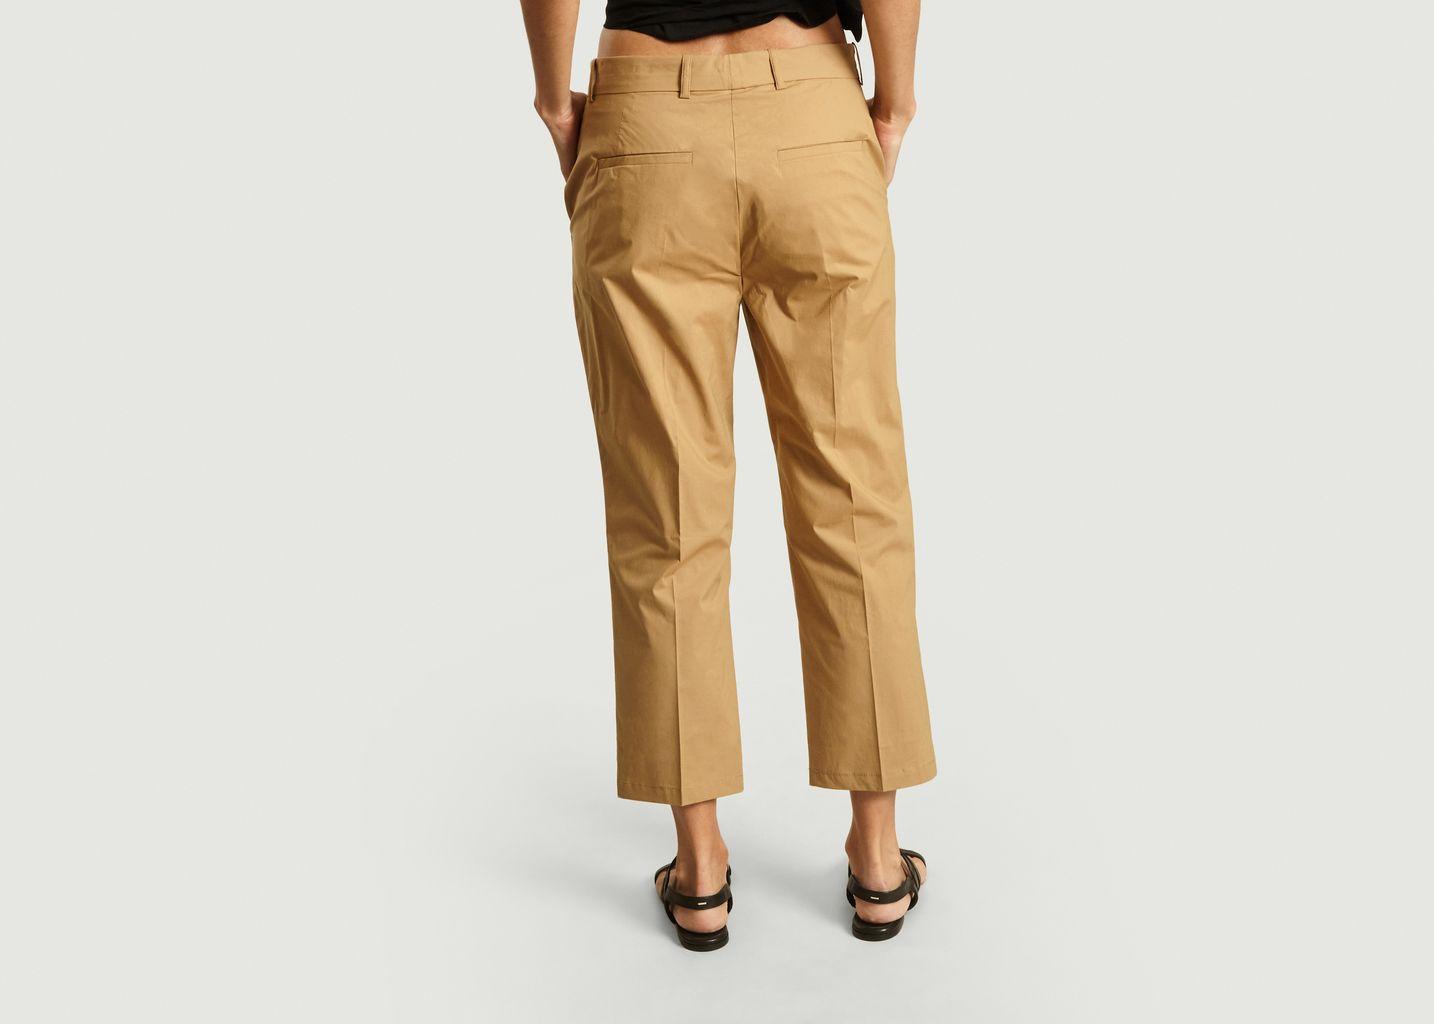 Pantalon Amelia en popeline de coton - Loreak Mendian